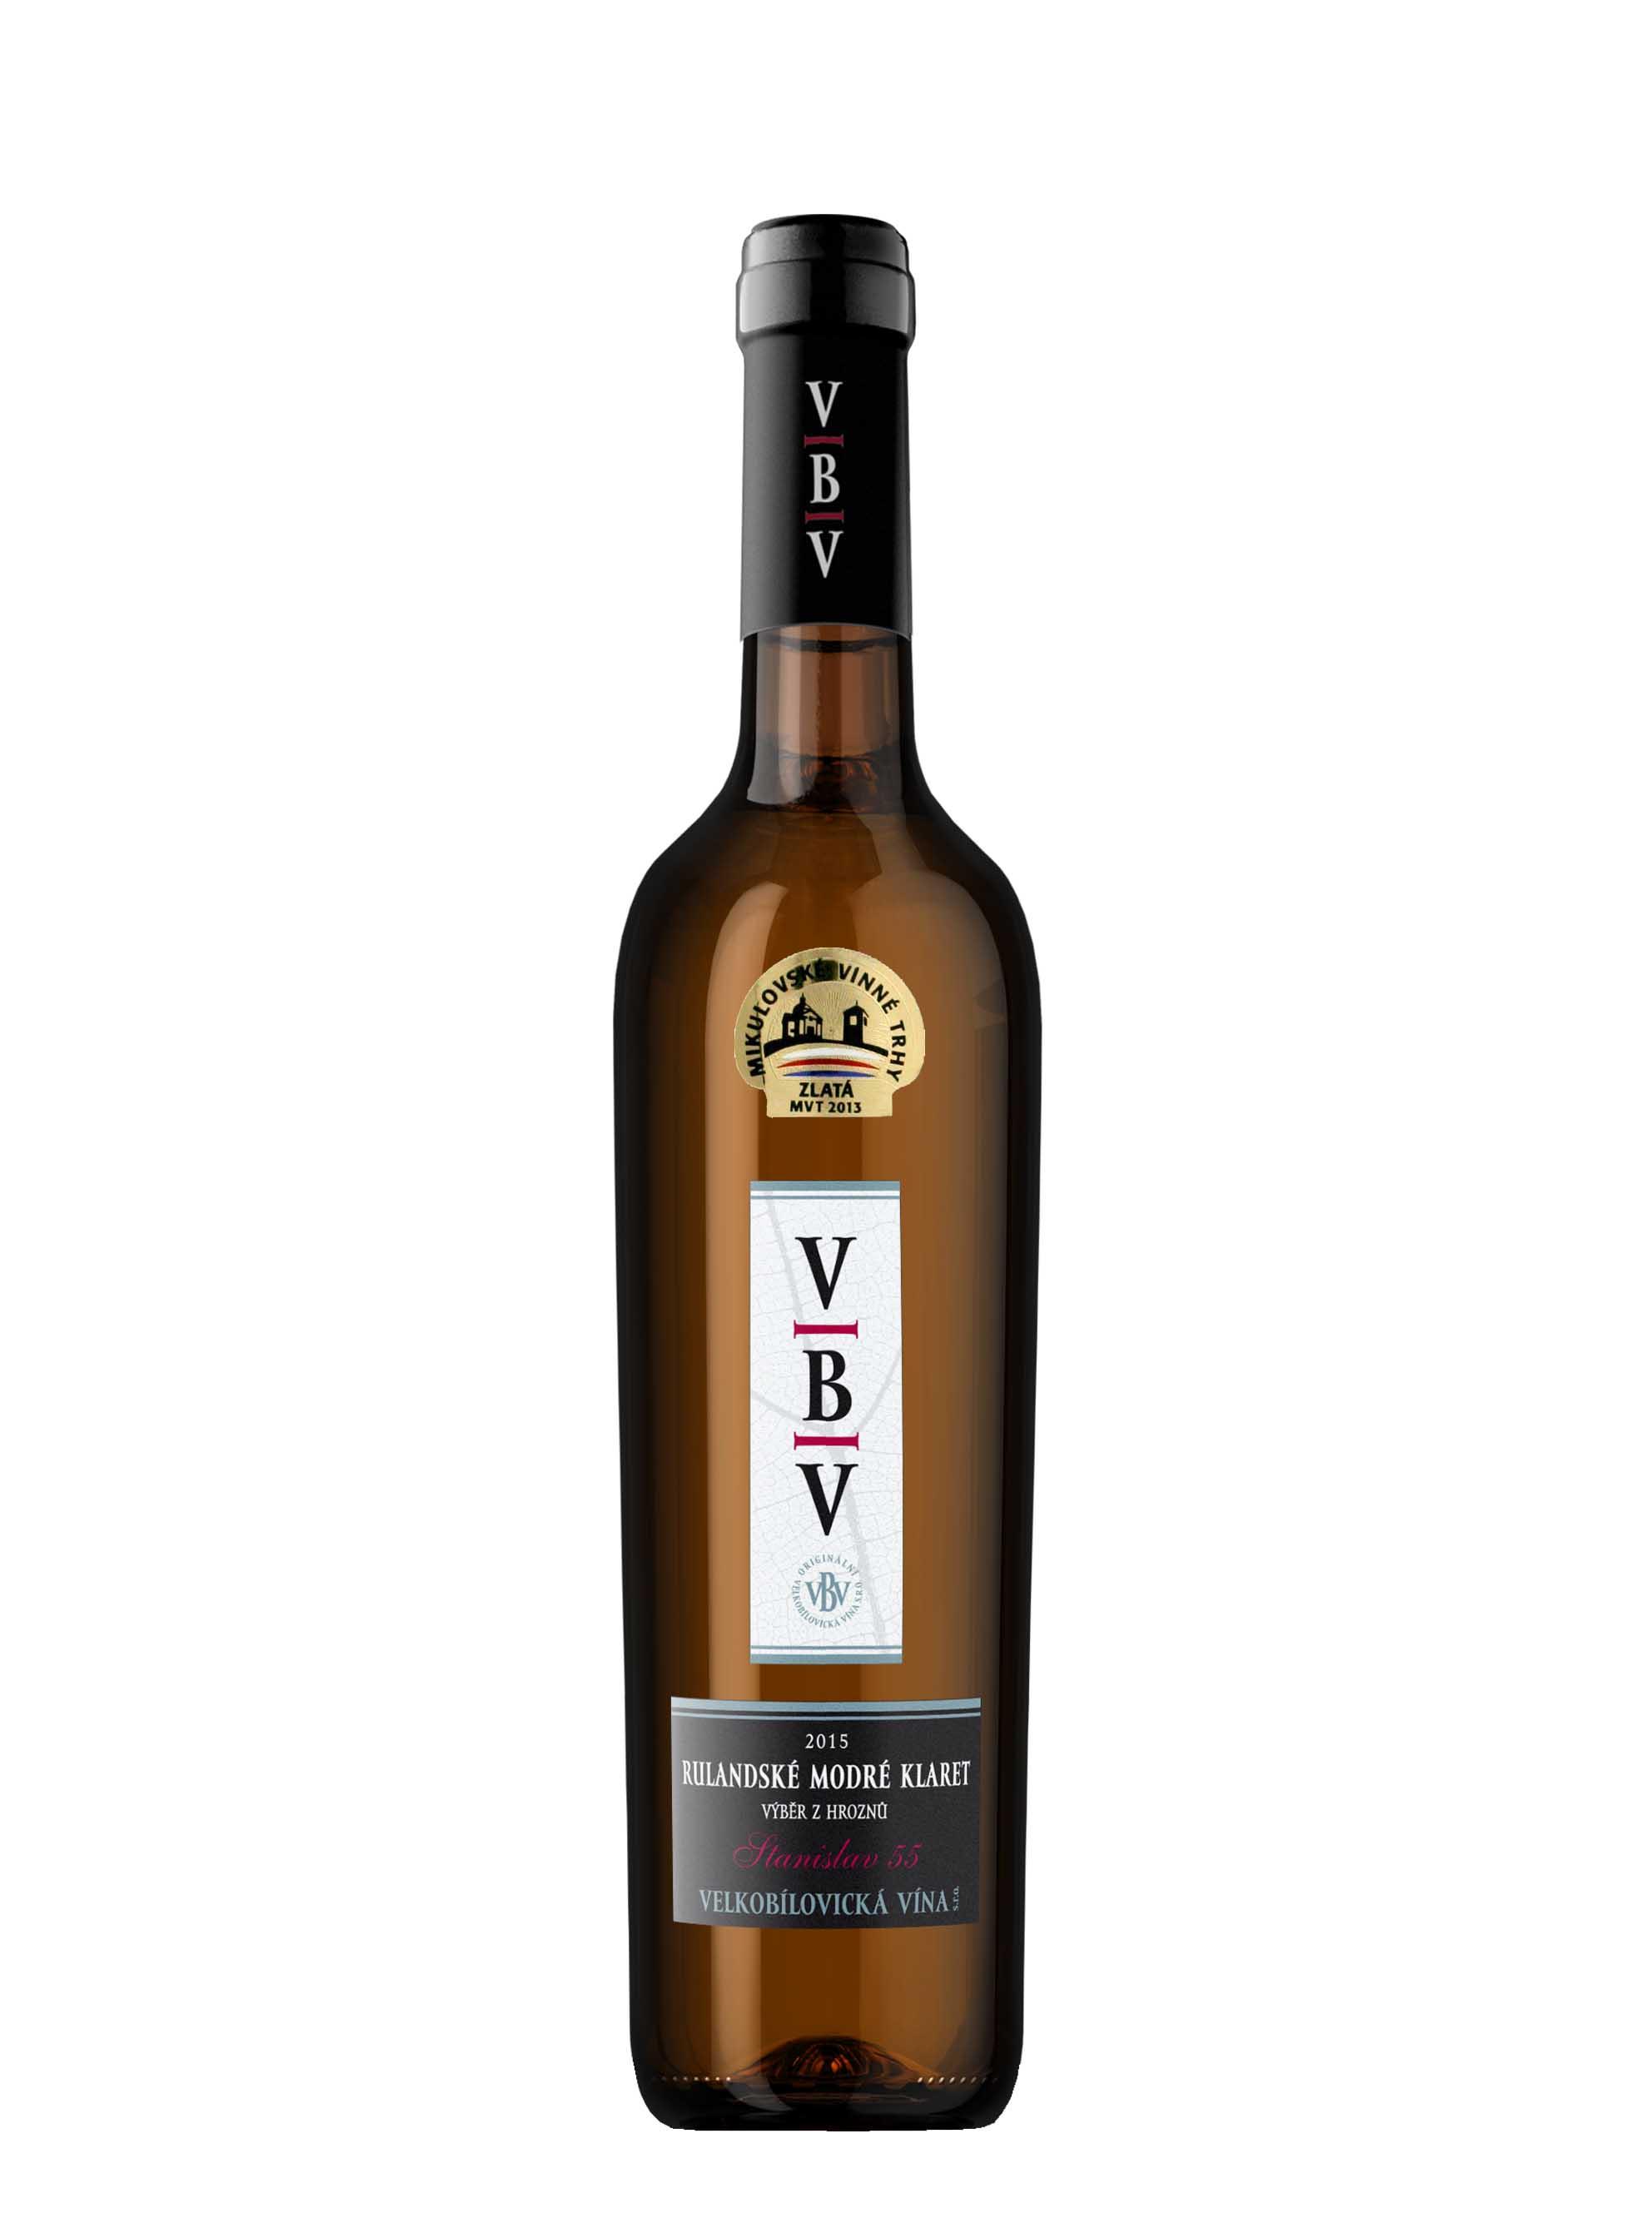 Rulandské Modré, Premium, Výběr z hroznů - klaret, 2015, Velkobílovická vína, 0.75 l